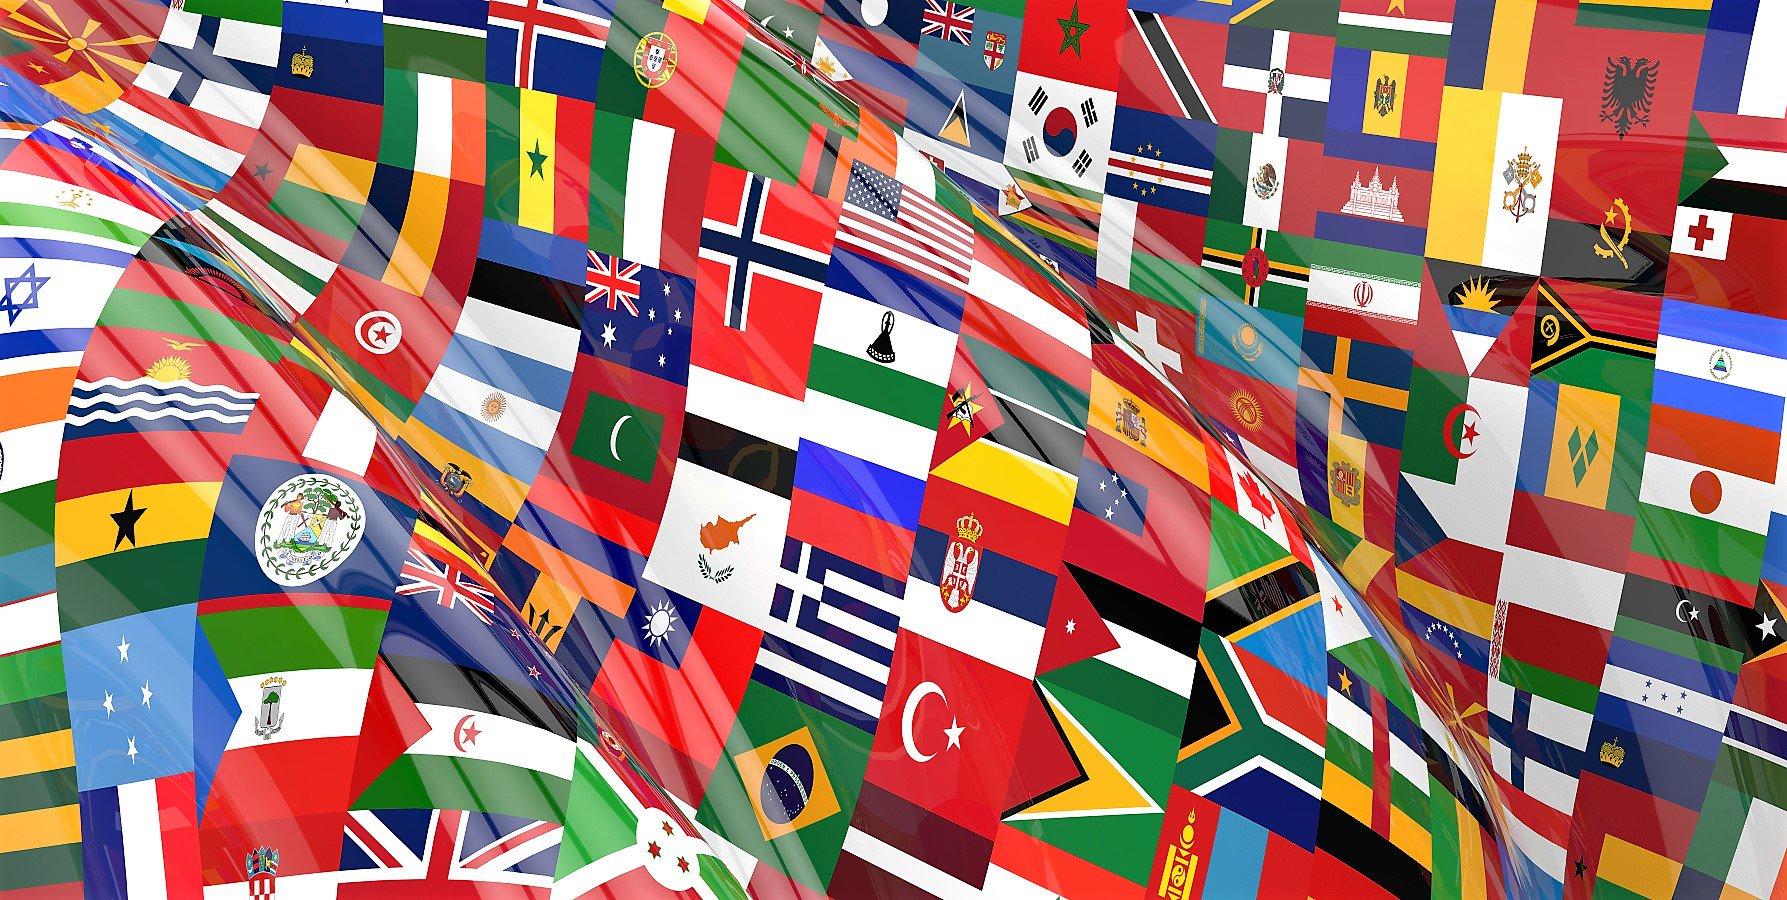 картинки со флагами при